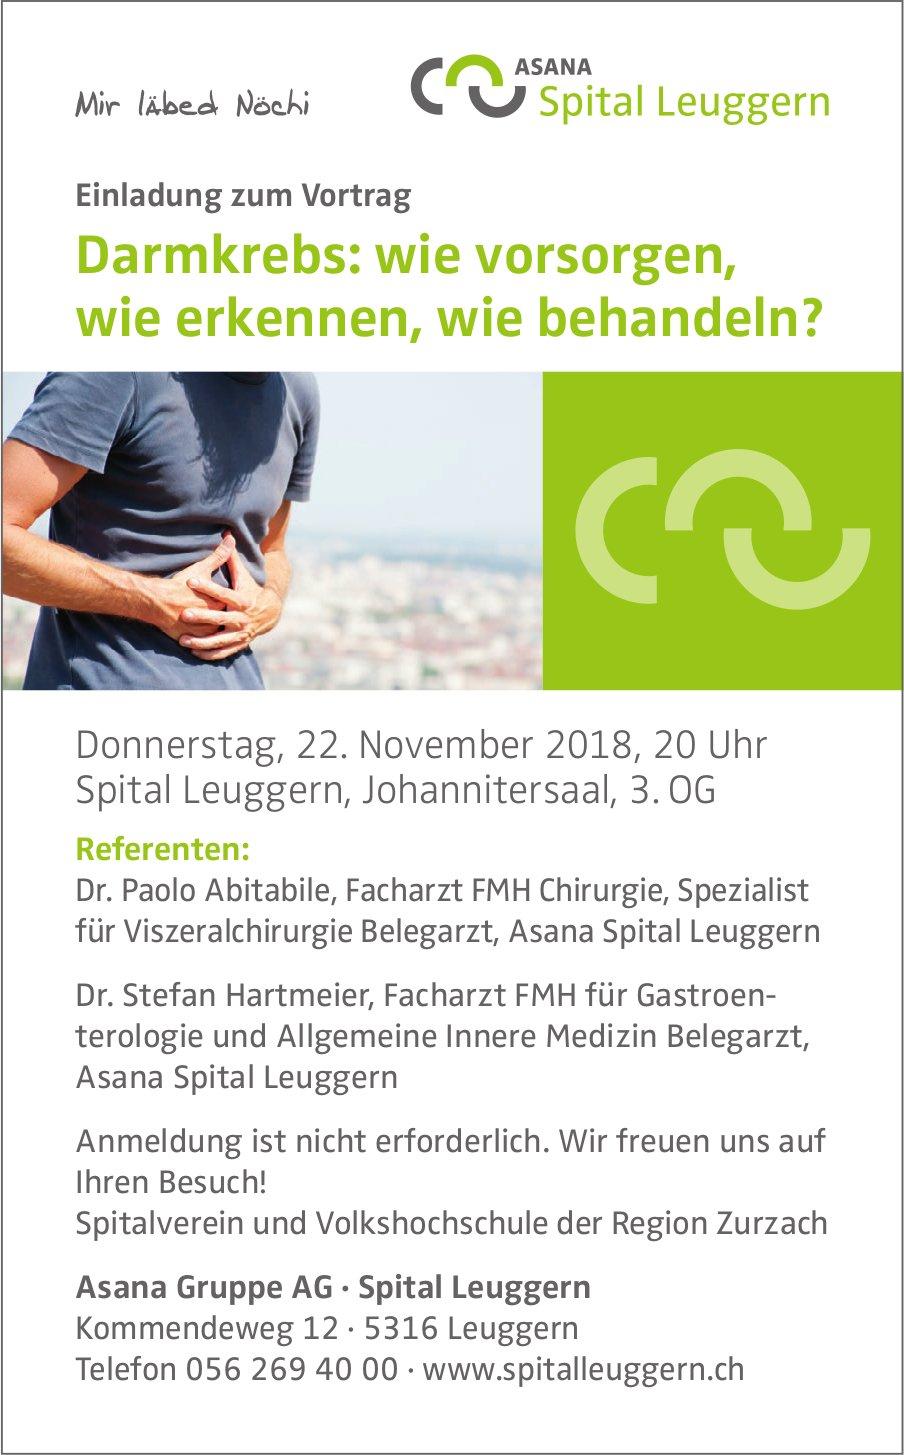 Vortrag, Darmkrebs: wie vorsorgen, wie erkennen, wie behandeln?, 22. November, Spital Leuggern